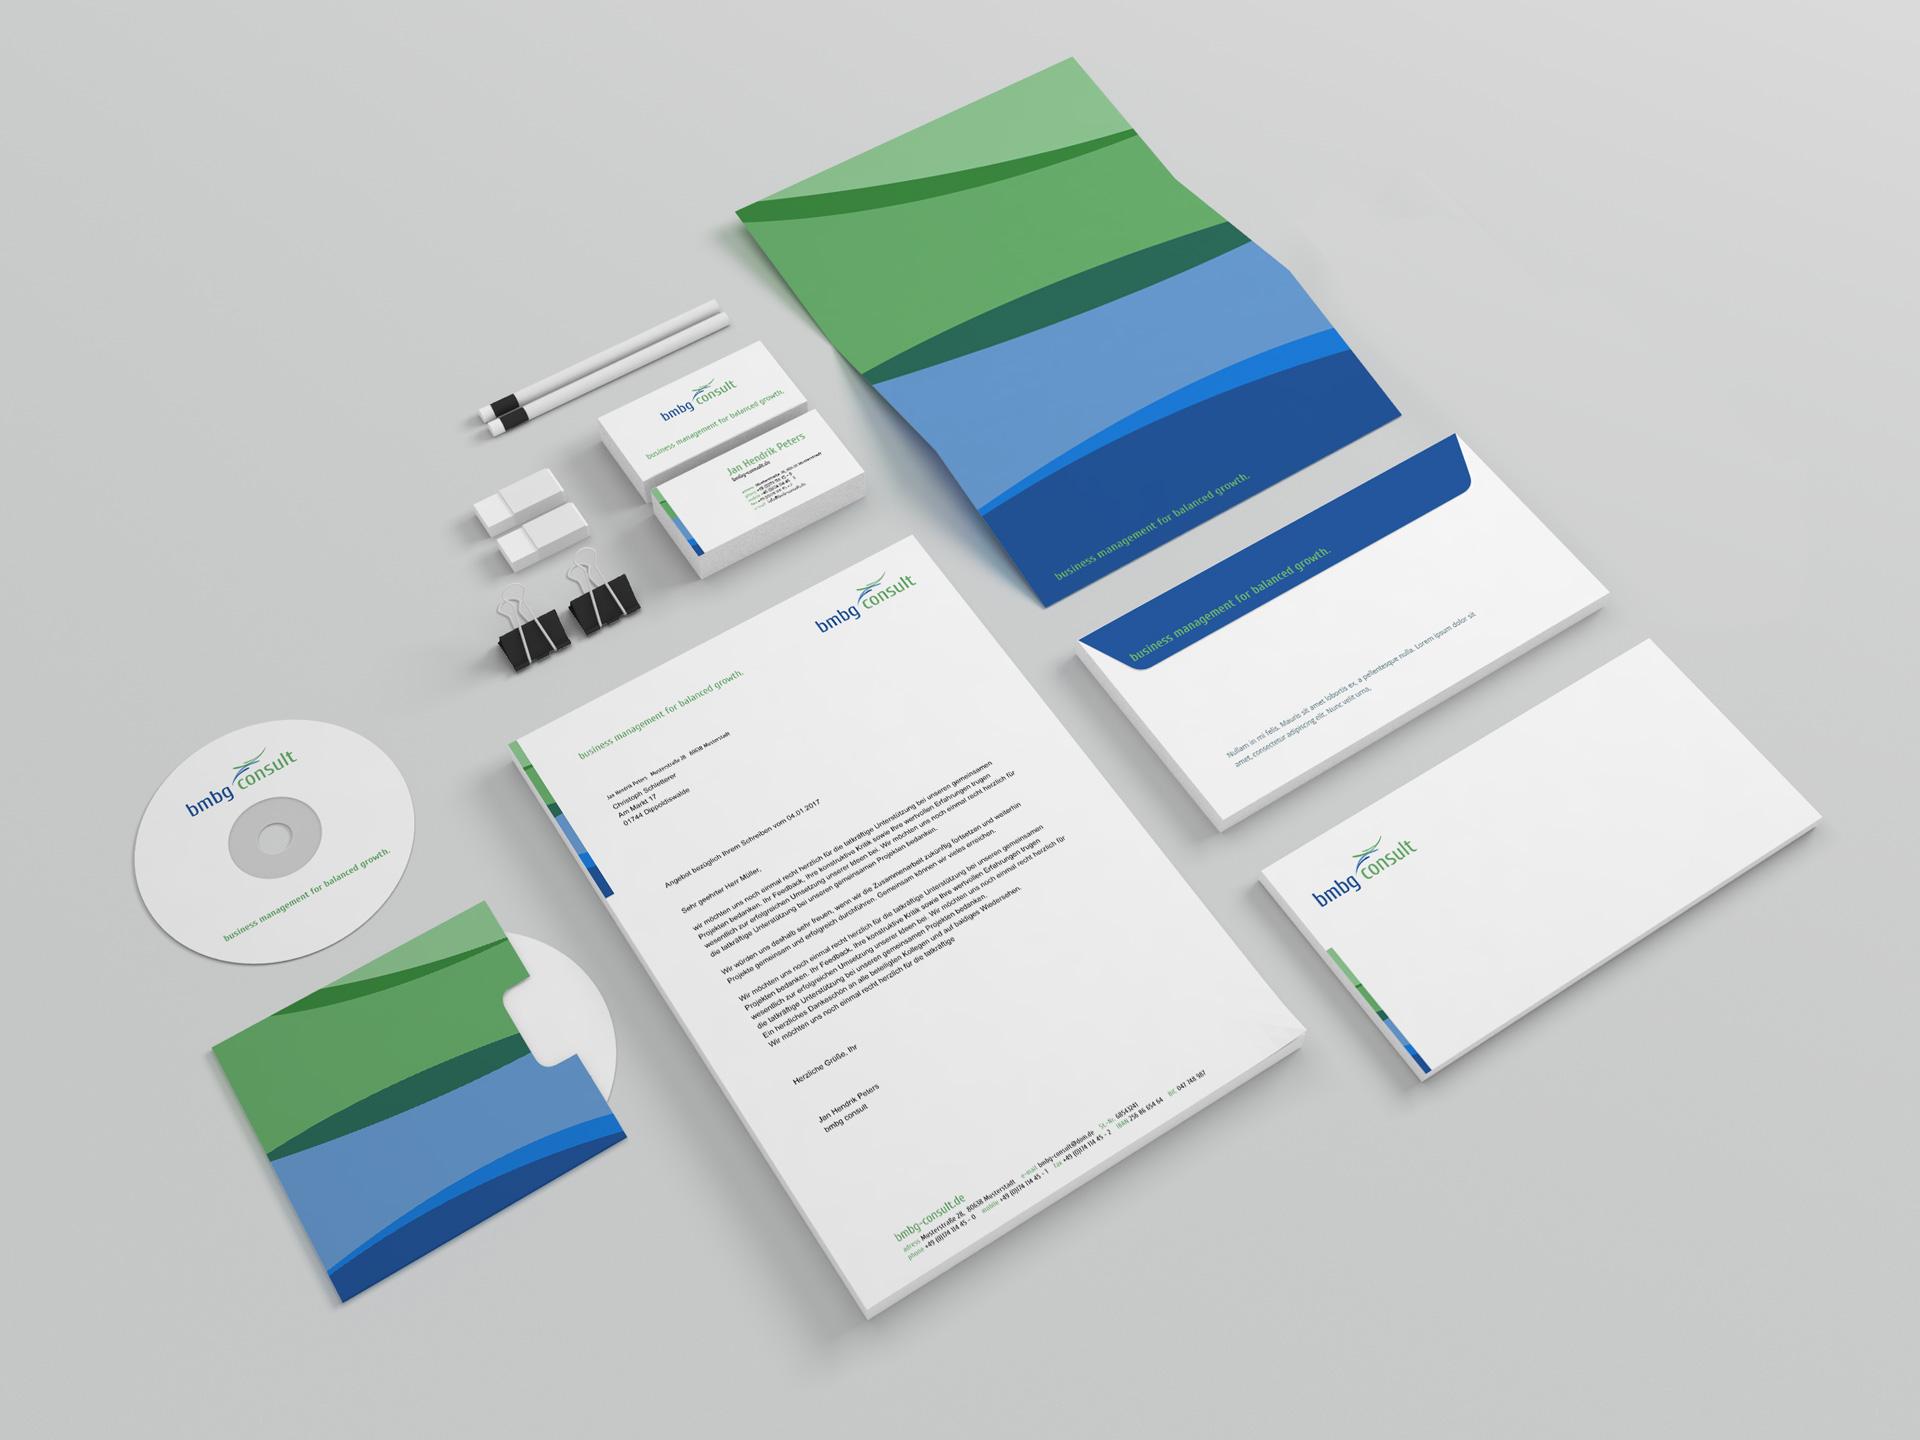 Design Printmedien bmbg consult